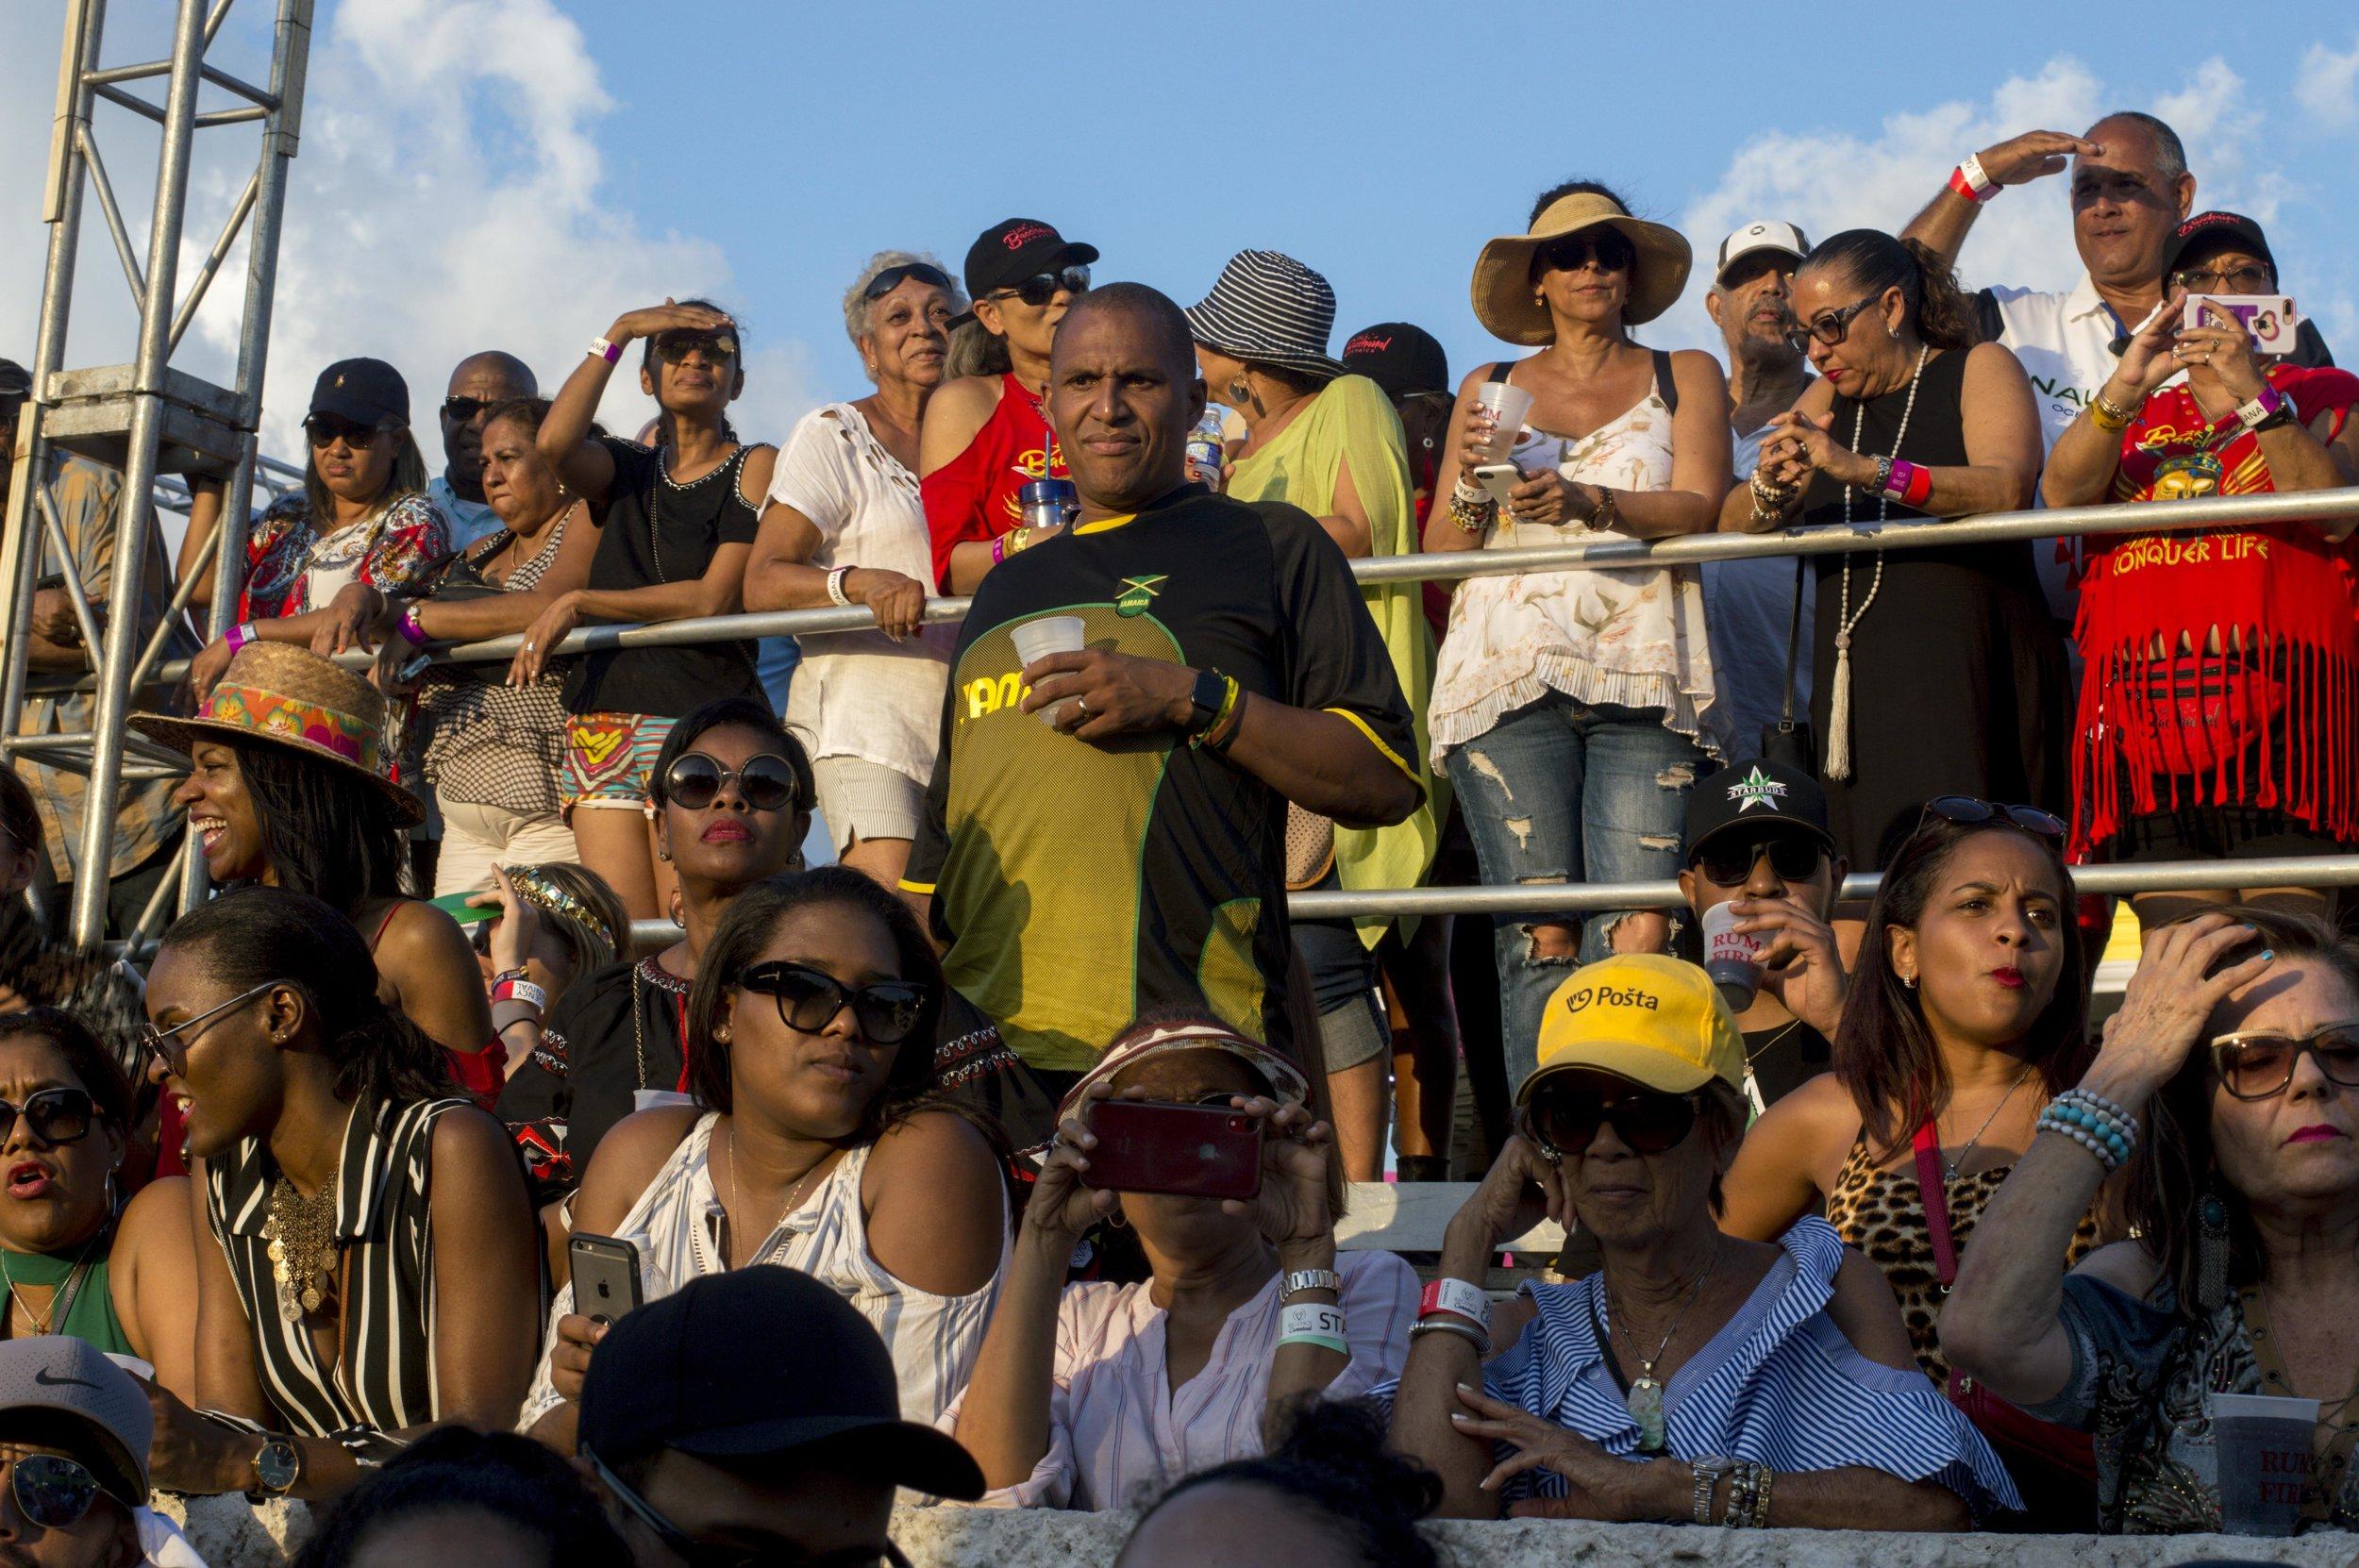 carnival2019_jeanalindo-33.jpg